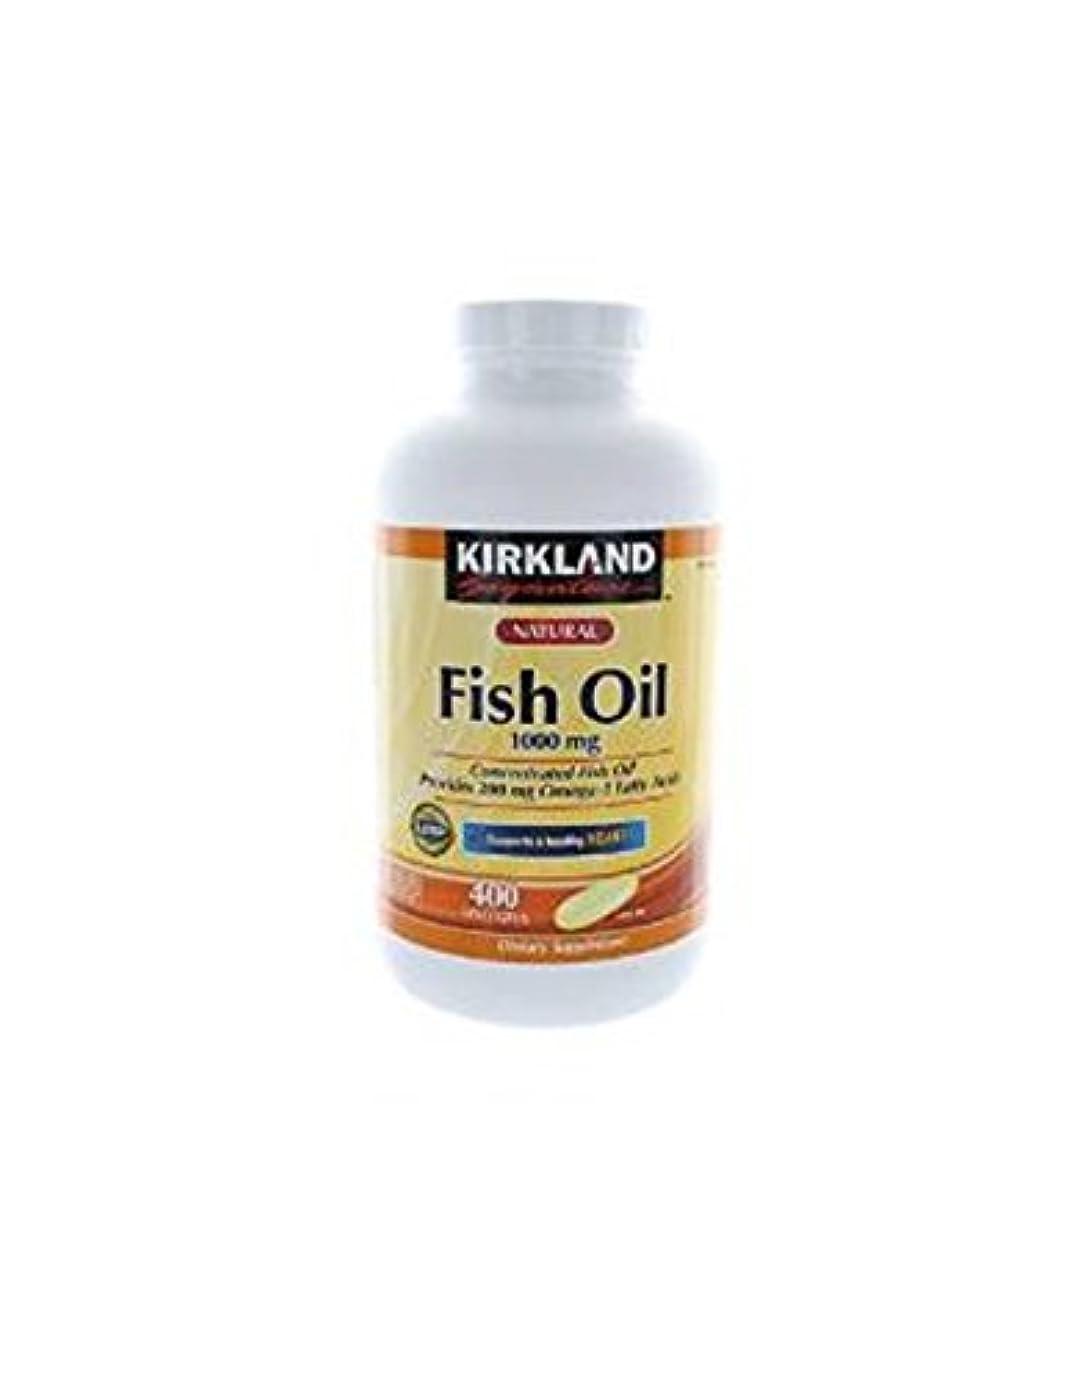 マーベルダム指紋Kirkland Signature Omega-3 Fish Oil Concentrate, 400 Softgels, 1000 mg Fish Oil with 30% Omega-3s (300 mg) 1200...